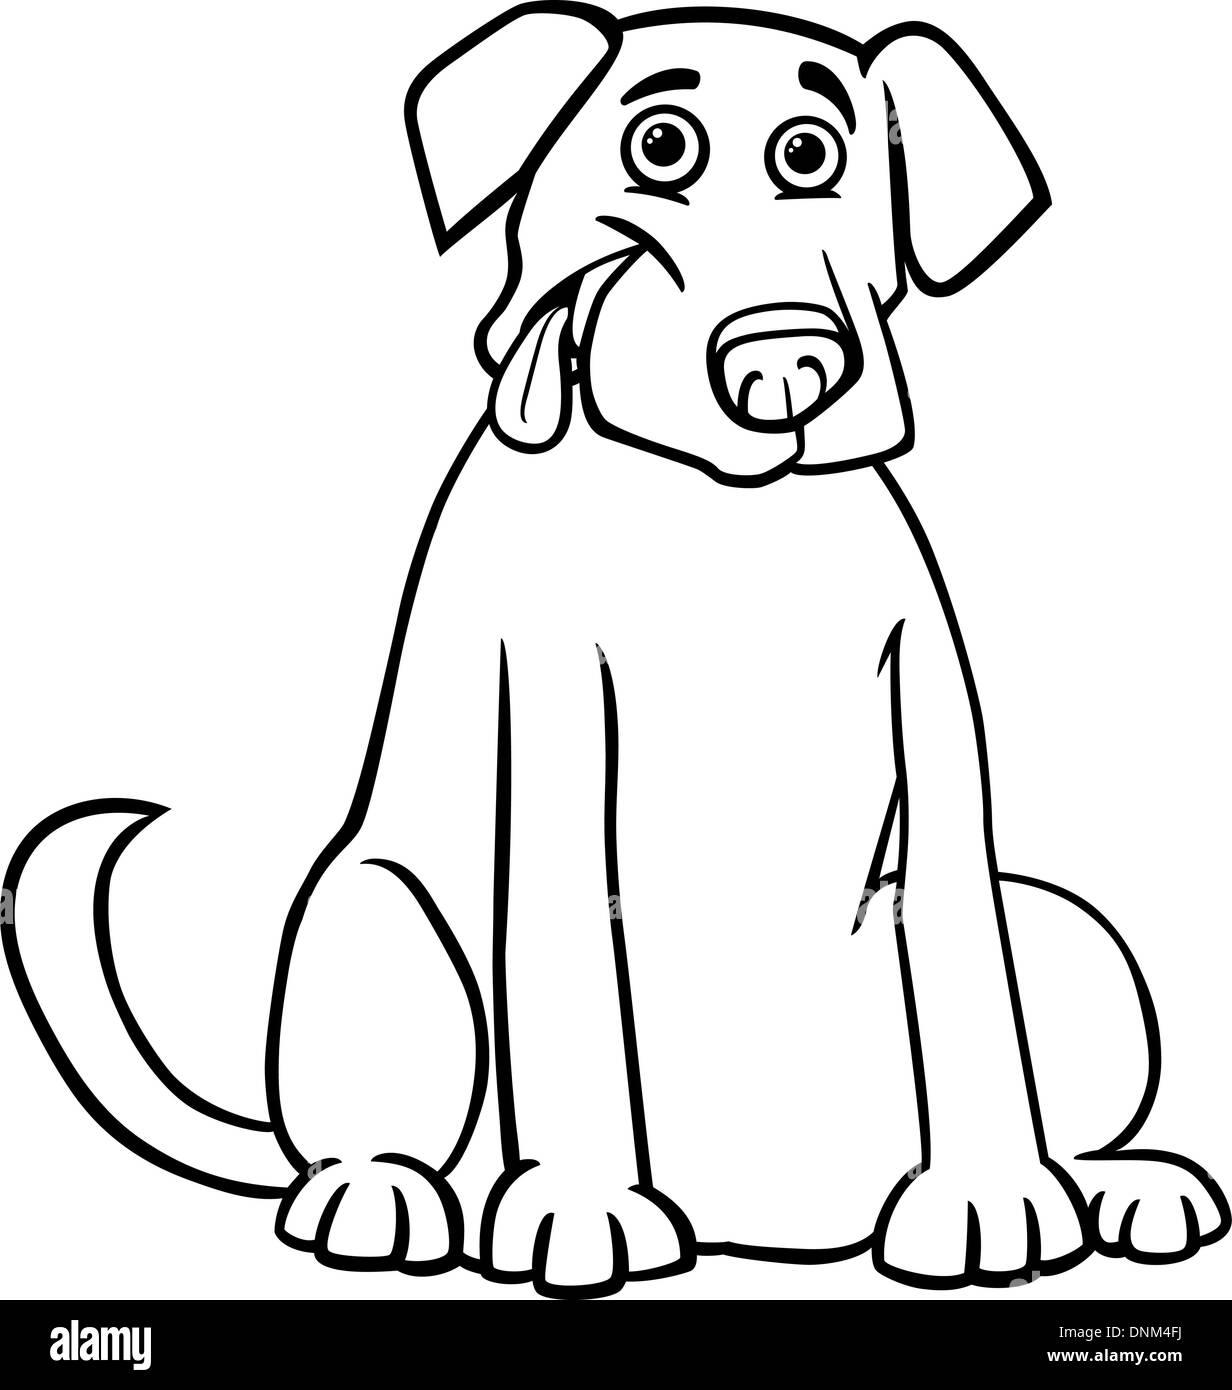 Ilustración Caricatura En Blanco Y Negro De Gracioso Perro